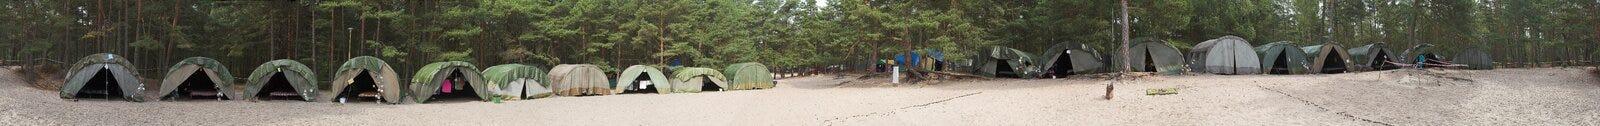 Het kampeerterrein van de verkenner Royalty-vrije Stock Afbeeldingen